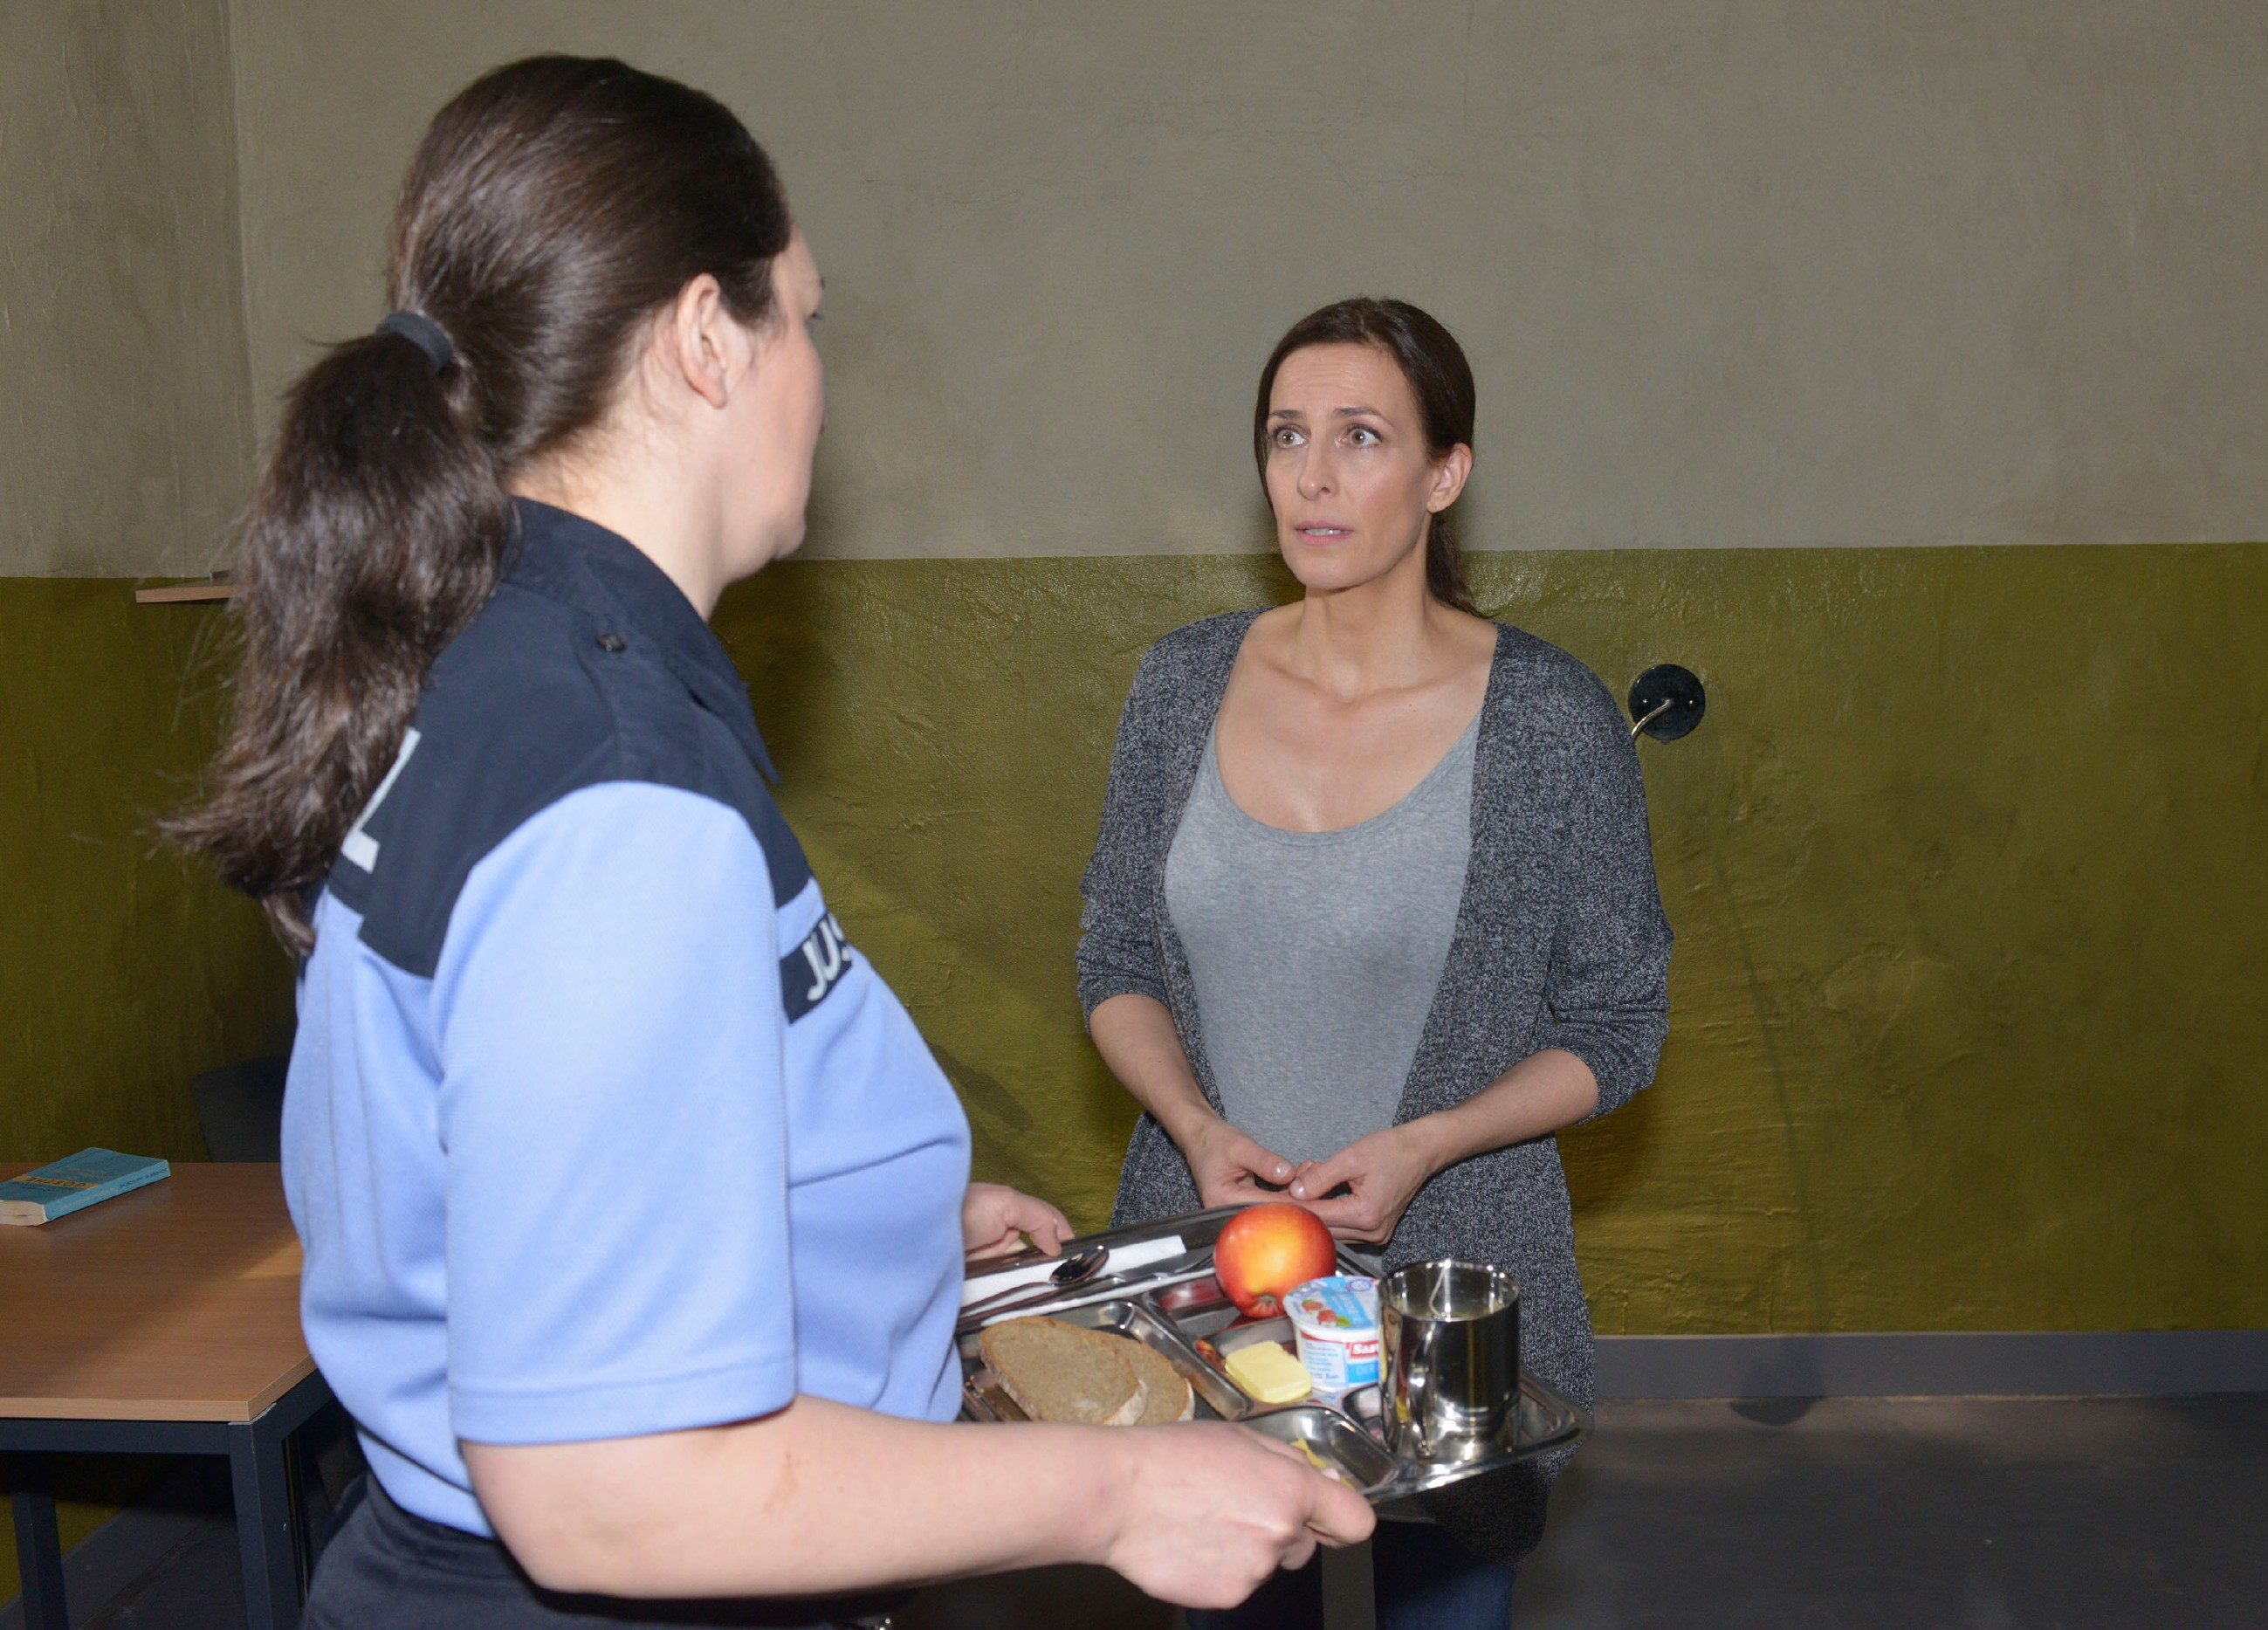 Katrin (Ulrike Frank, r.) bittet eine Justizbeamtin (Komparsin) in der U-Haft vergeblich darum, ein Telefonat führen zu dürfen. (Quelle: RTL / Rolf Baumgartner)